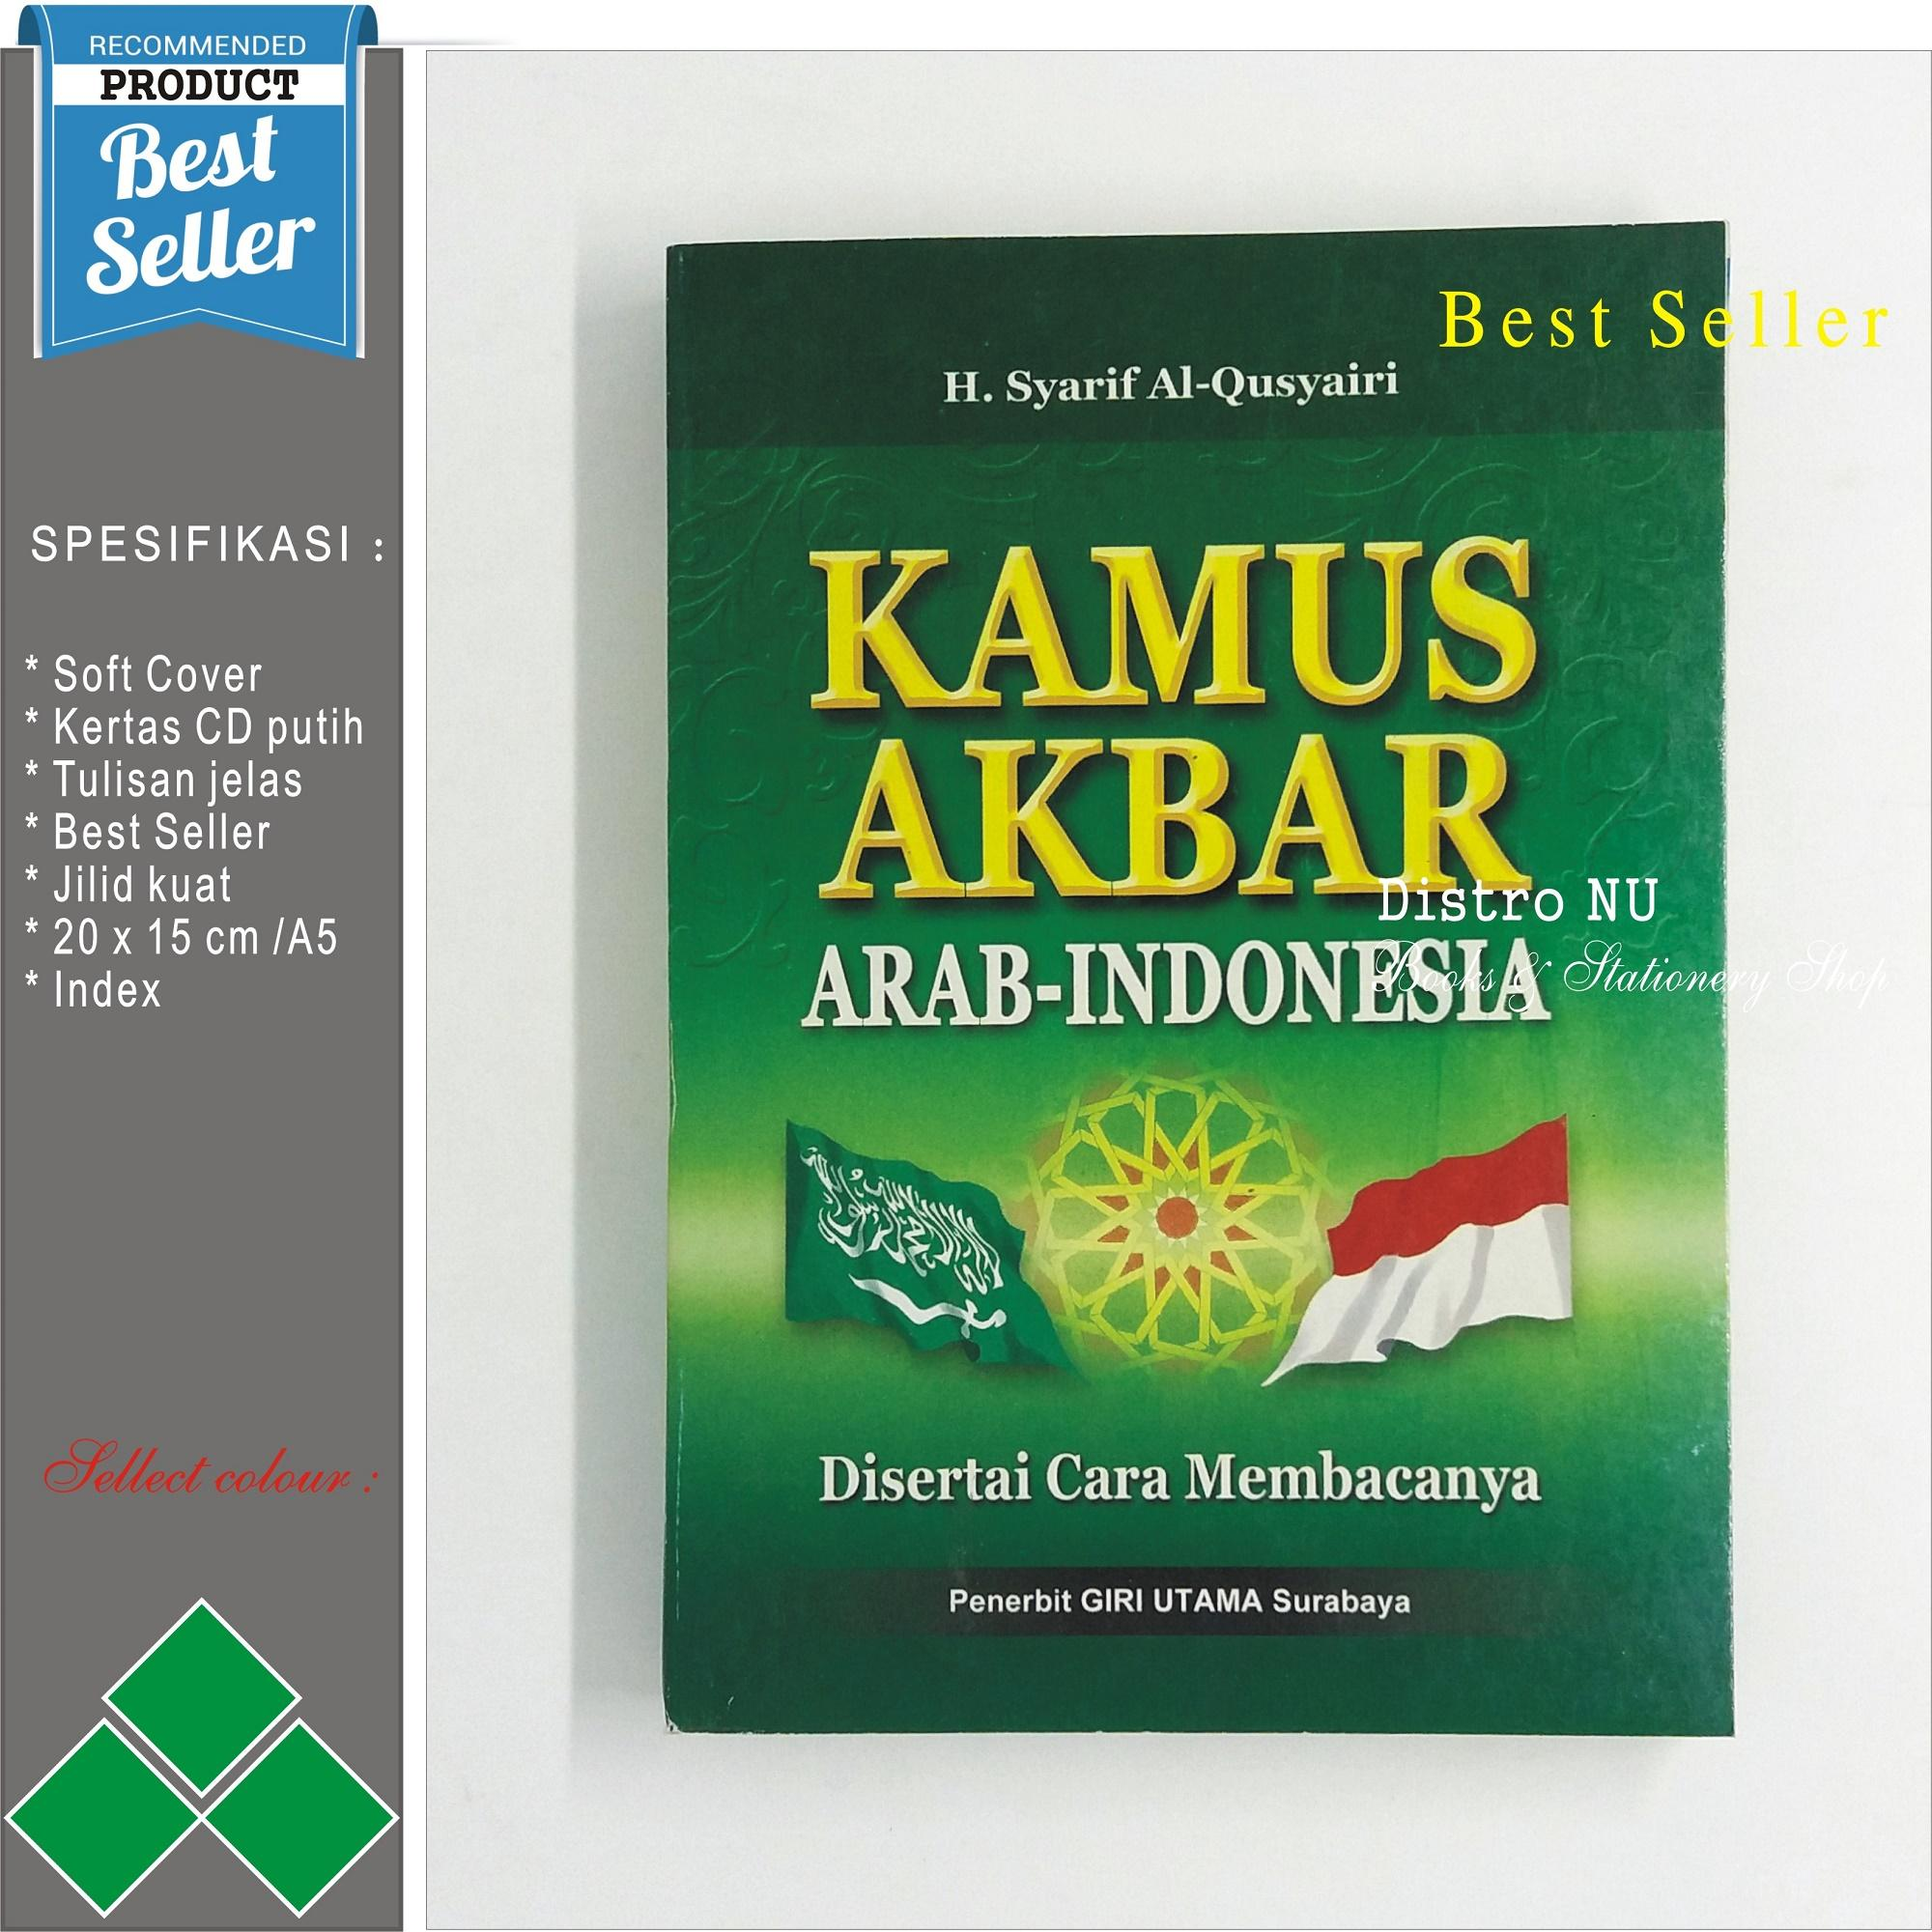 KAMUS AKBAR ARAB INDONESIA GU / kamus arab almunawir kamus sunda jepang taiwan / kitab petuk buku pernikahan perkawinan ijab qobul khotbah jumat azmi fikih islam cak nun maiyah pahlawan garuda amplop buku tamu pulpen murah kitab kuning pesantren antonio